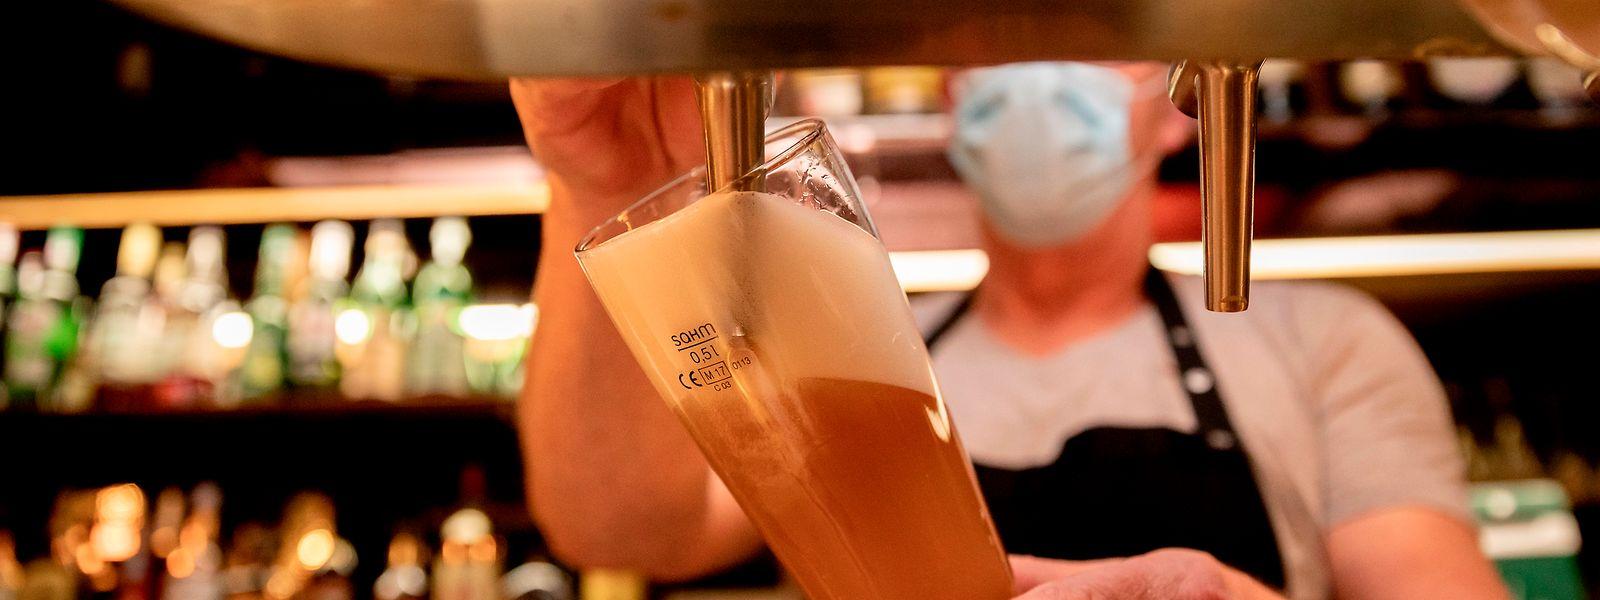 A Berlin, les restaurants et bars devront désormais fermer de 23 heures à 6 heures du matin. Une mesure effective dès samedi et au moins jusqu'au 31 octobre.